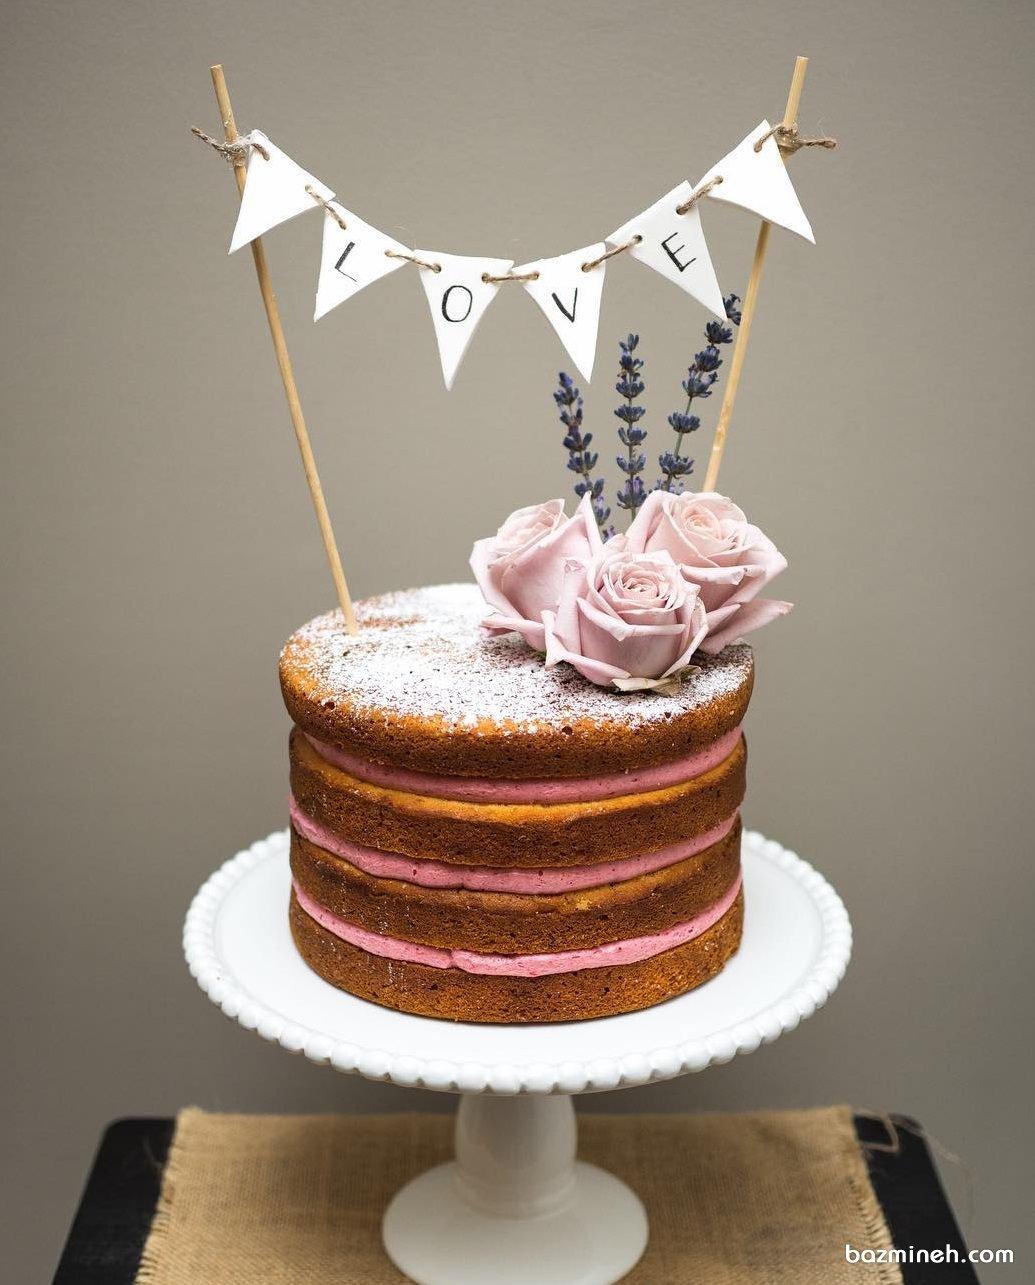 کیک اسفنجی جشن سالگرد ازدواج با تزیین گل های رز طبیعی صورتی